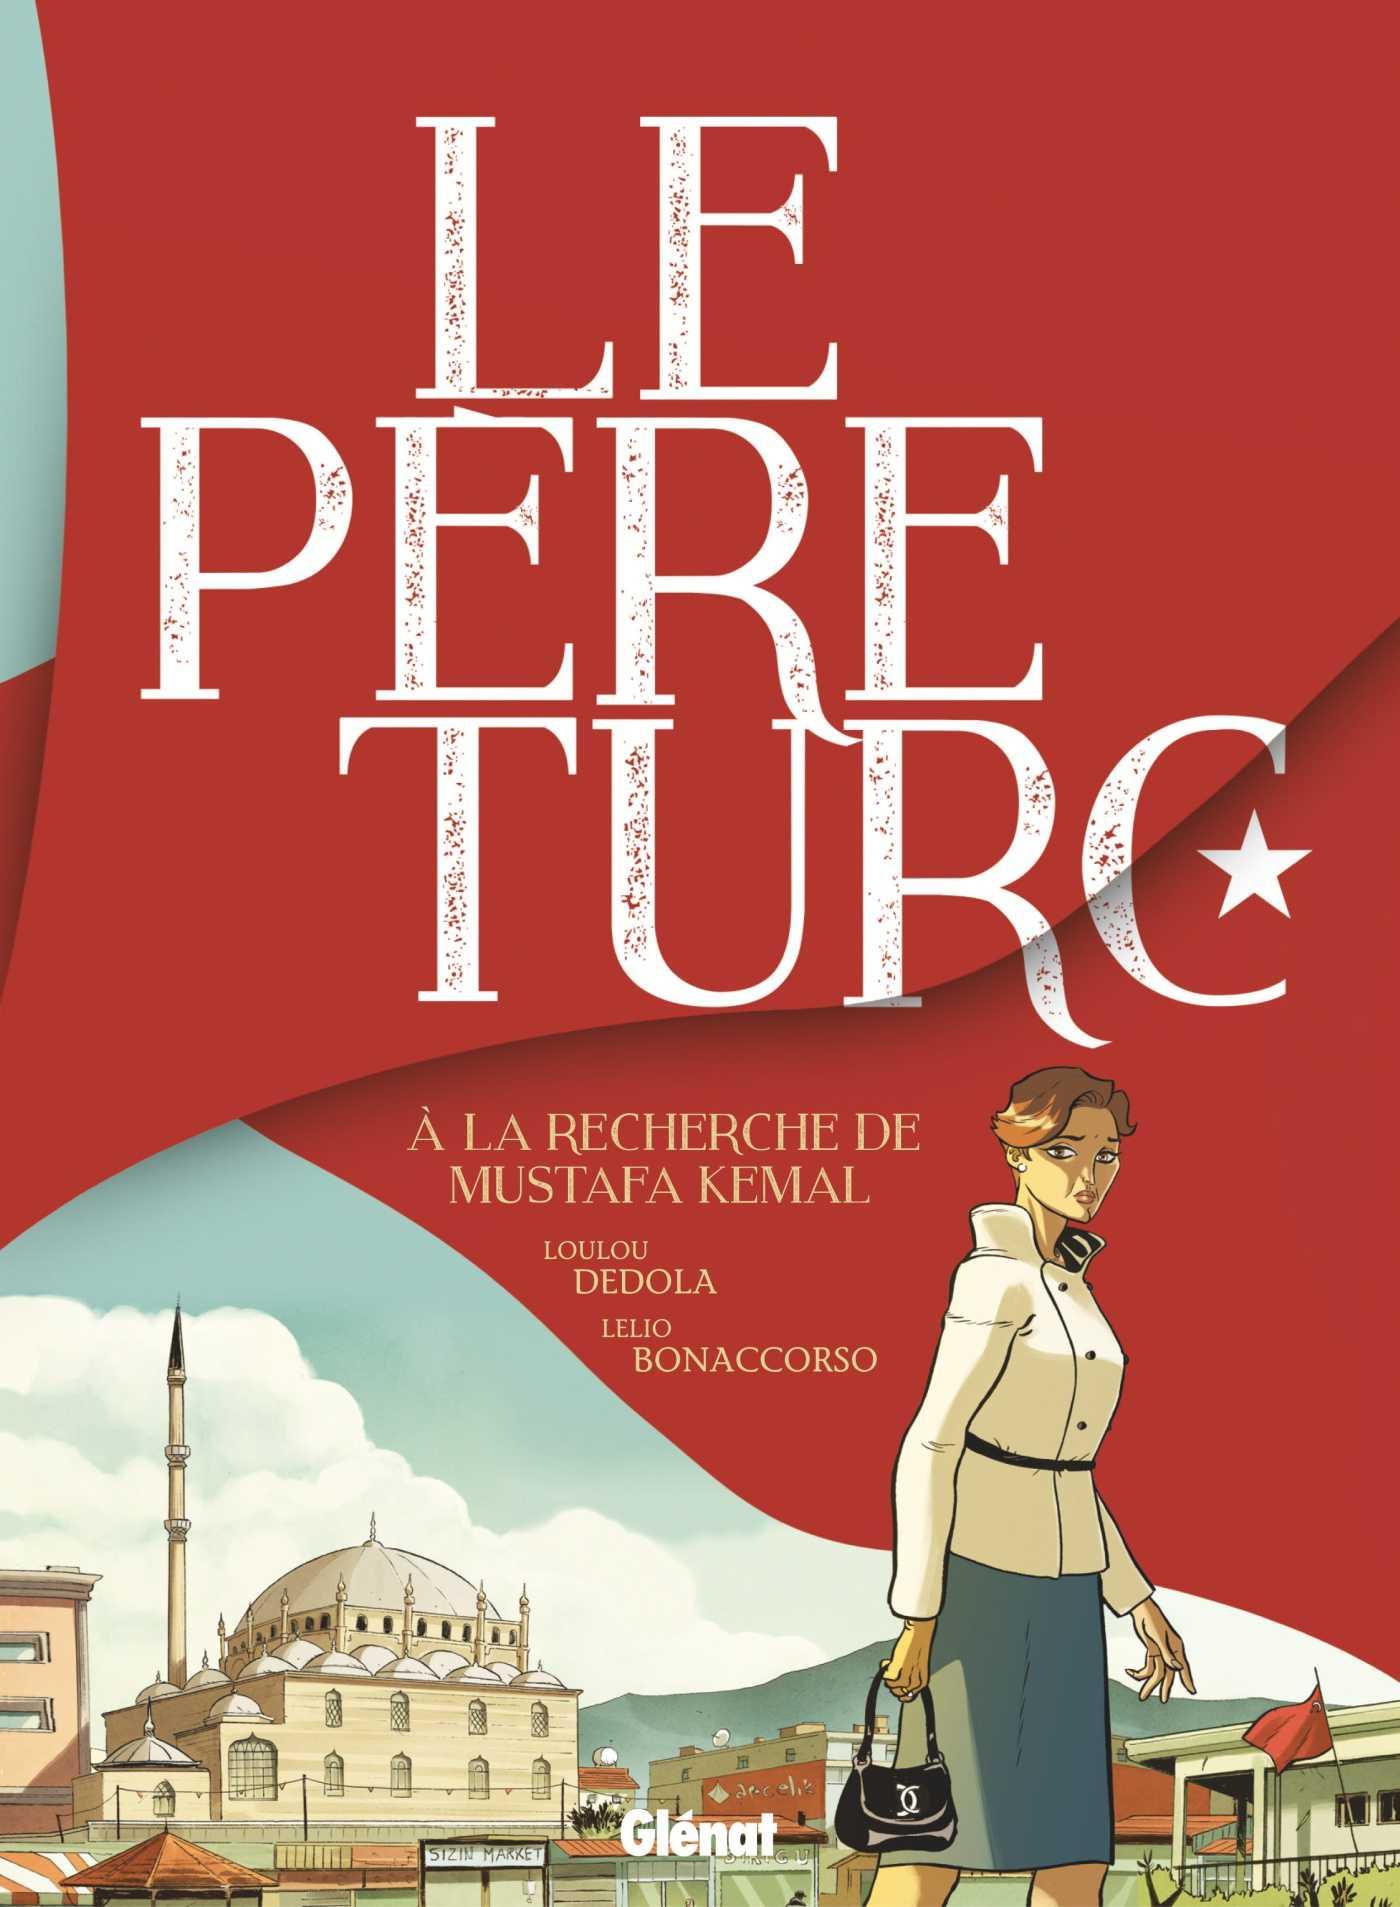 Le Père Turc, redécouvrir Mustafa Kemal